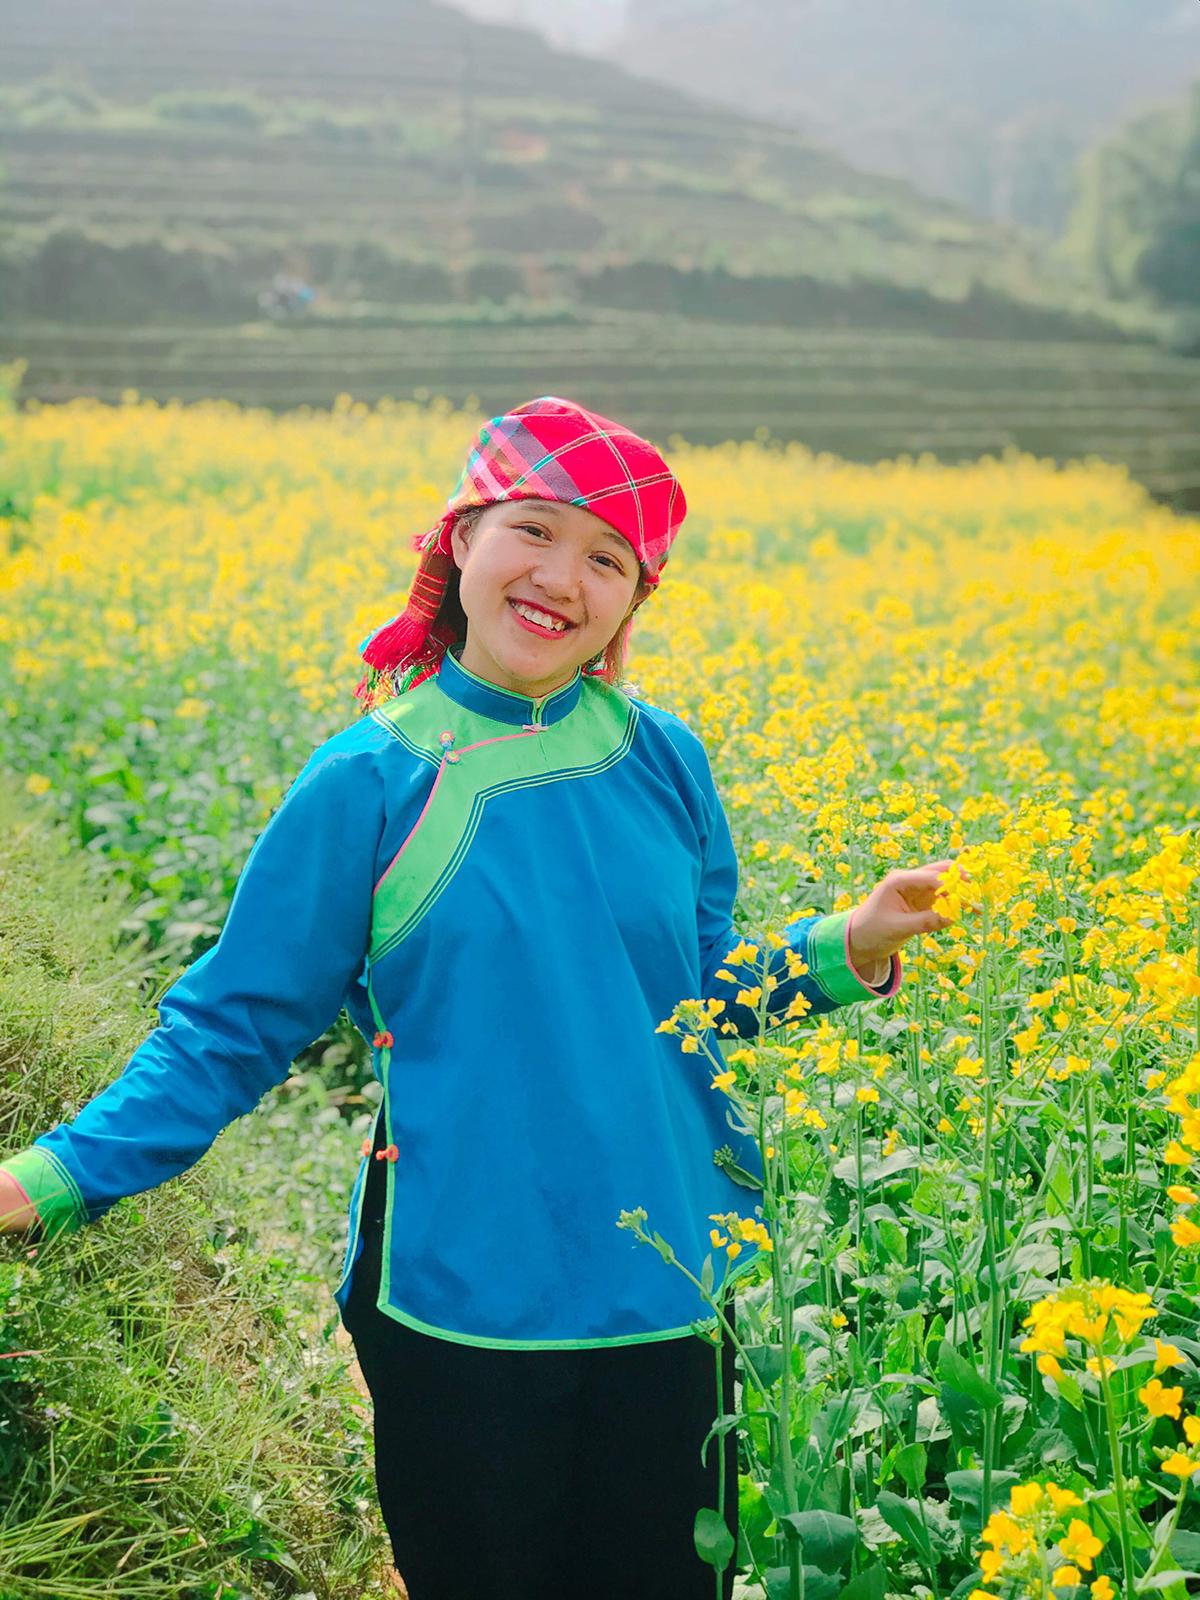 Vũ Thị Ngọc Hướng trong trang phục dân tộc Giáy. Ảnh: NVCC